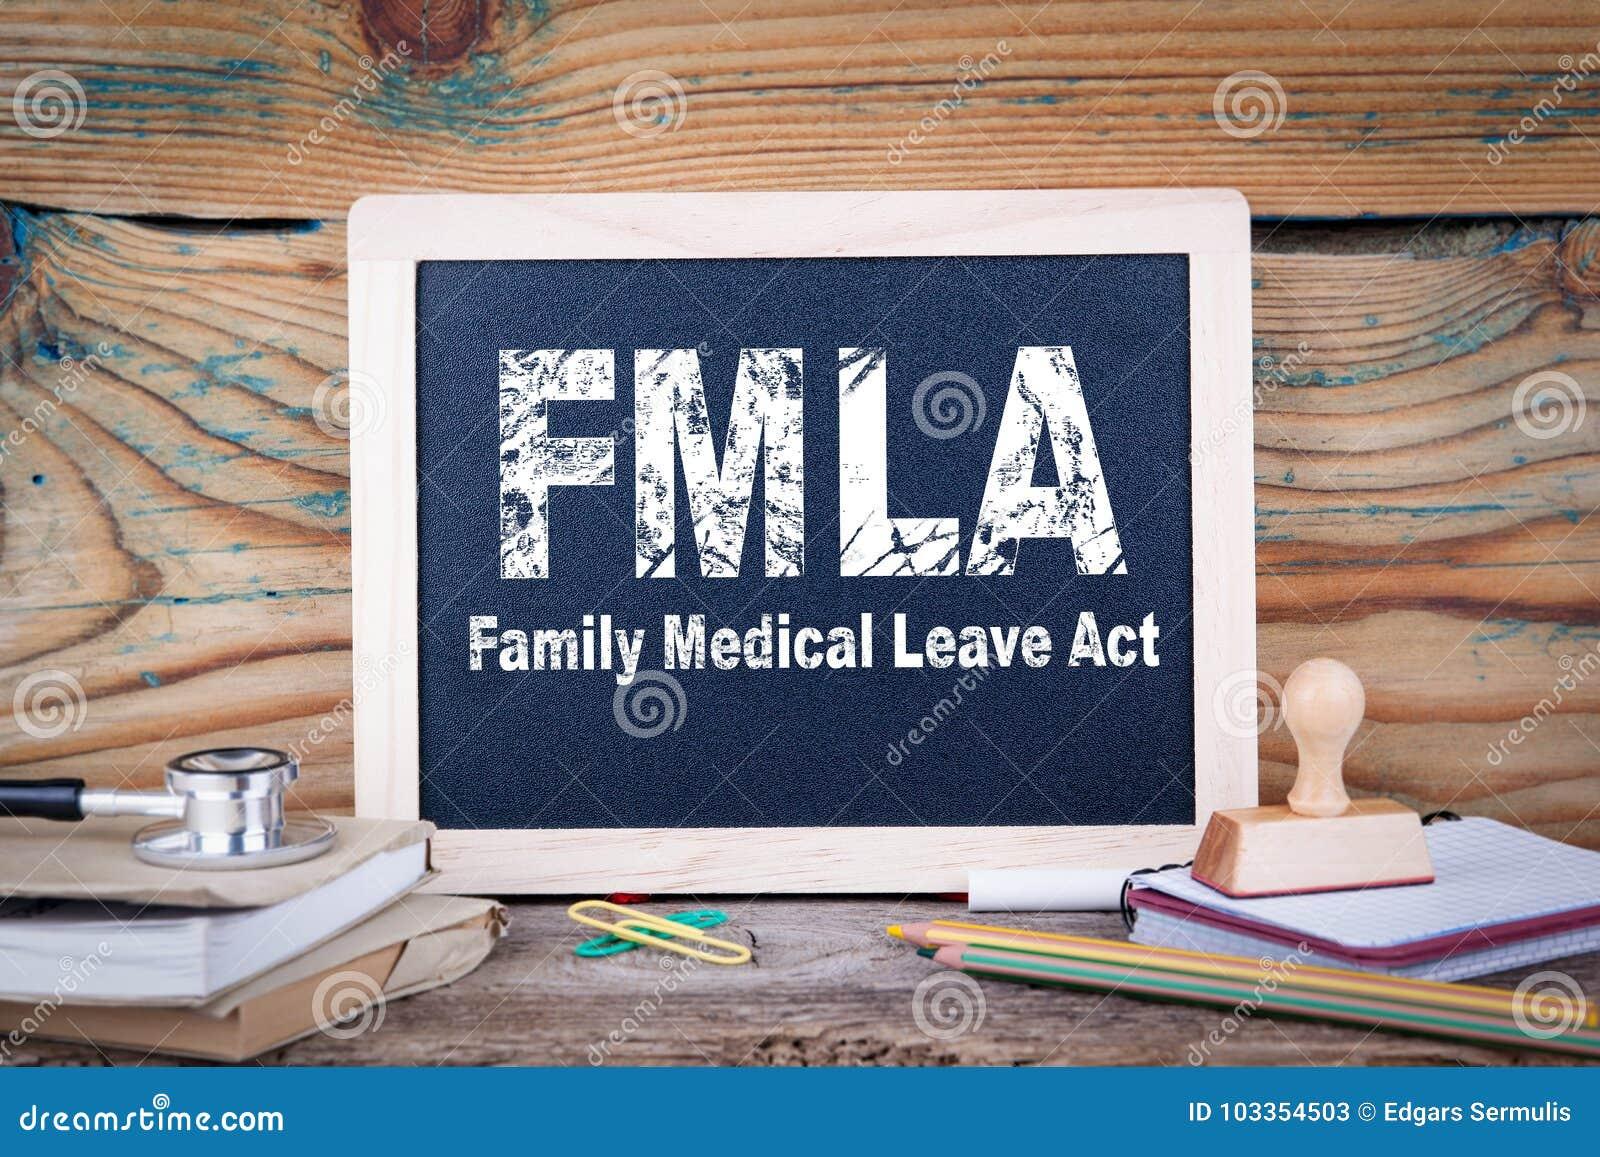 Fmla, handeling van het familie de medische verlof Bord op een houten achtergrond